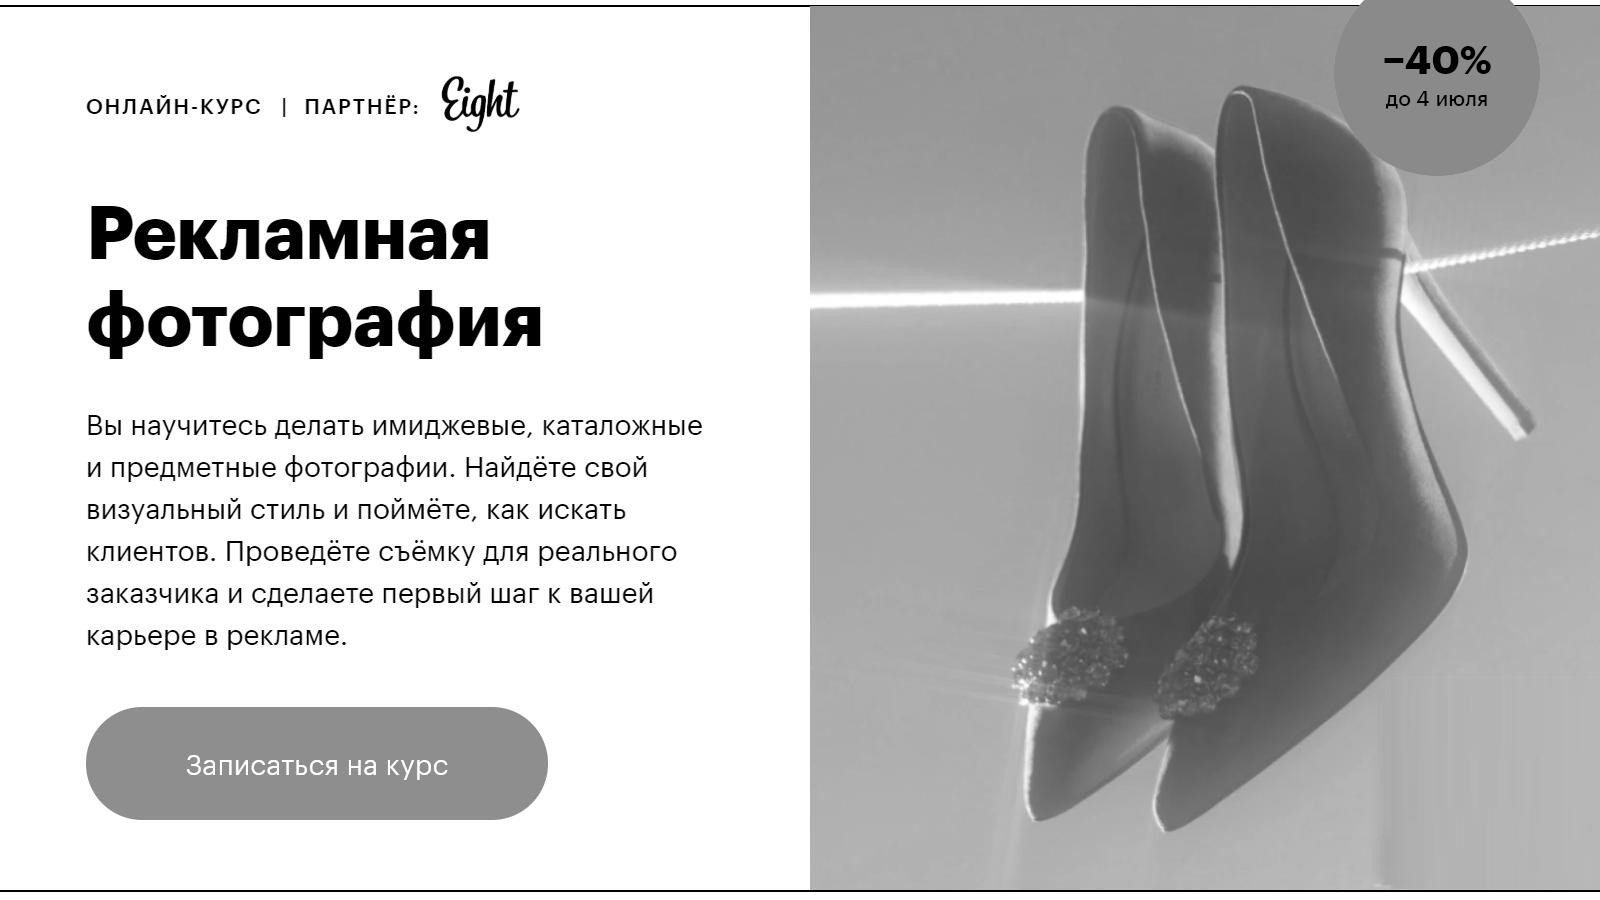 Курс рекламной фотографии